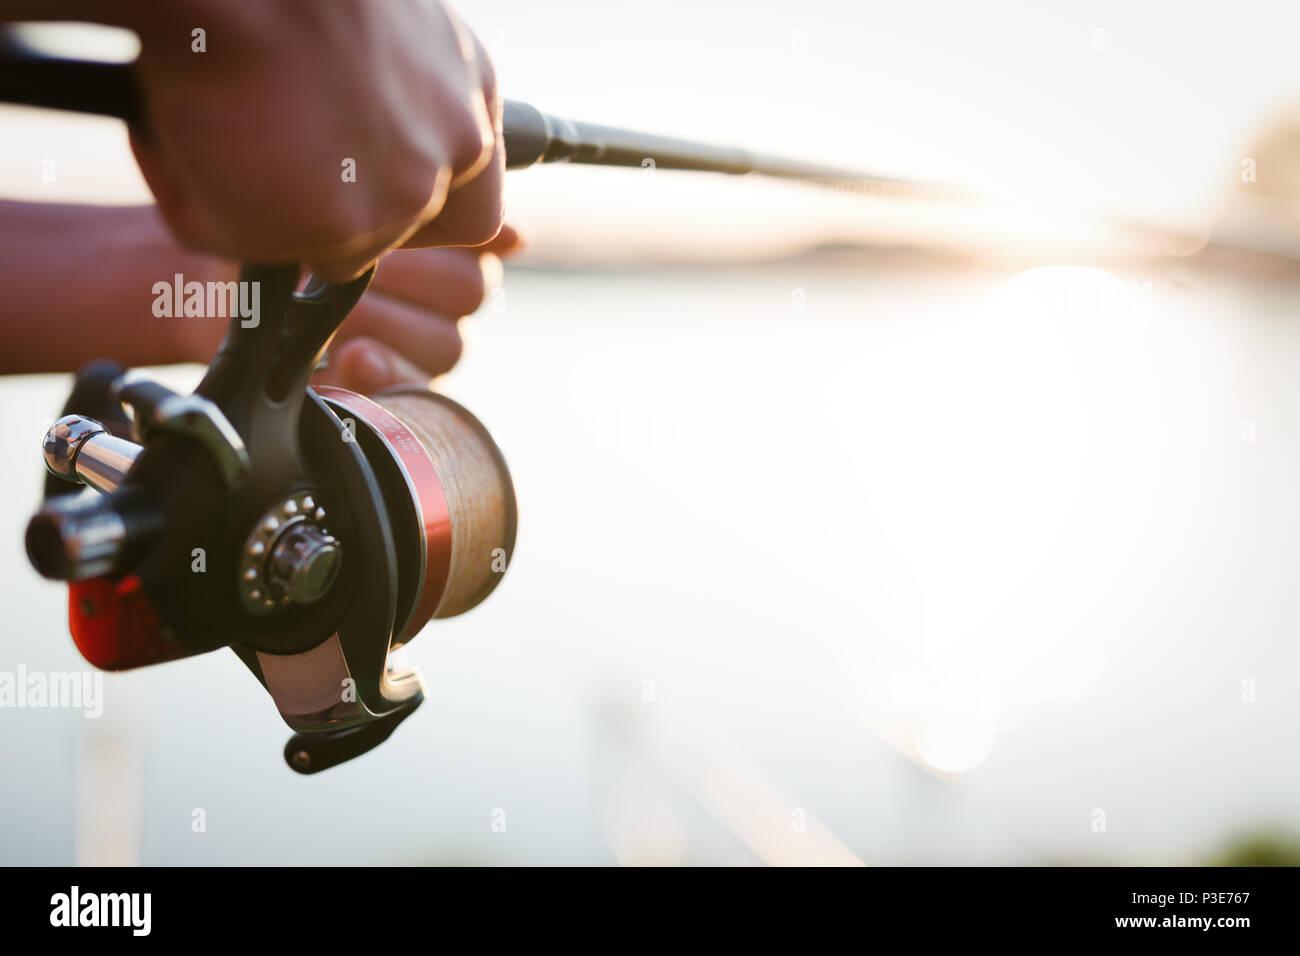 Attrezzi di pesca - la pesca la filatura, la lenza e attrezzature sportive Immagini Stock